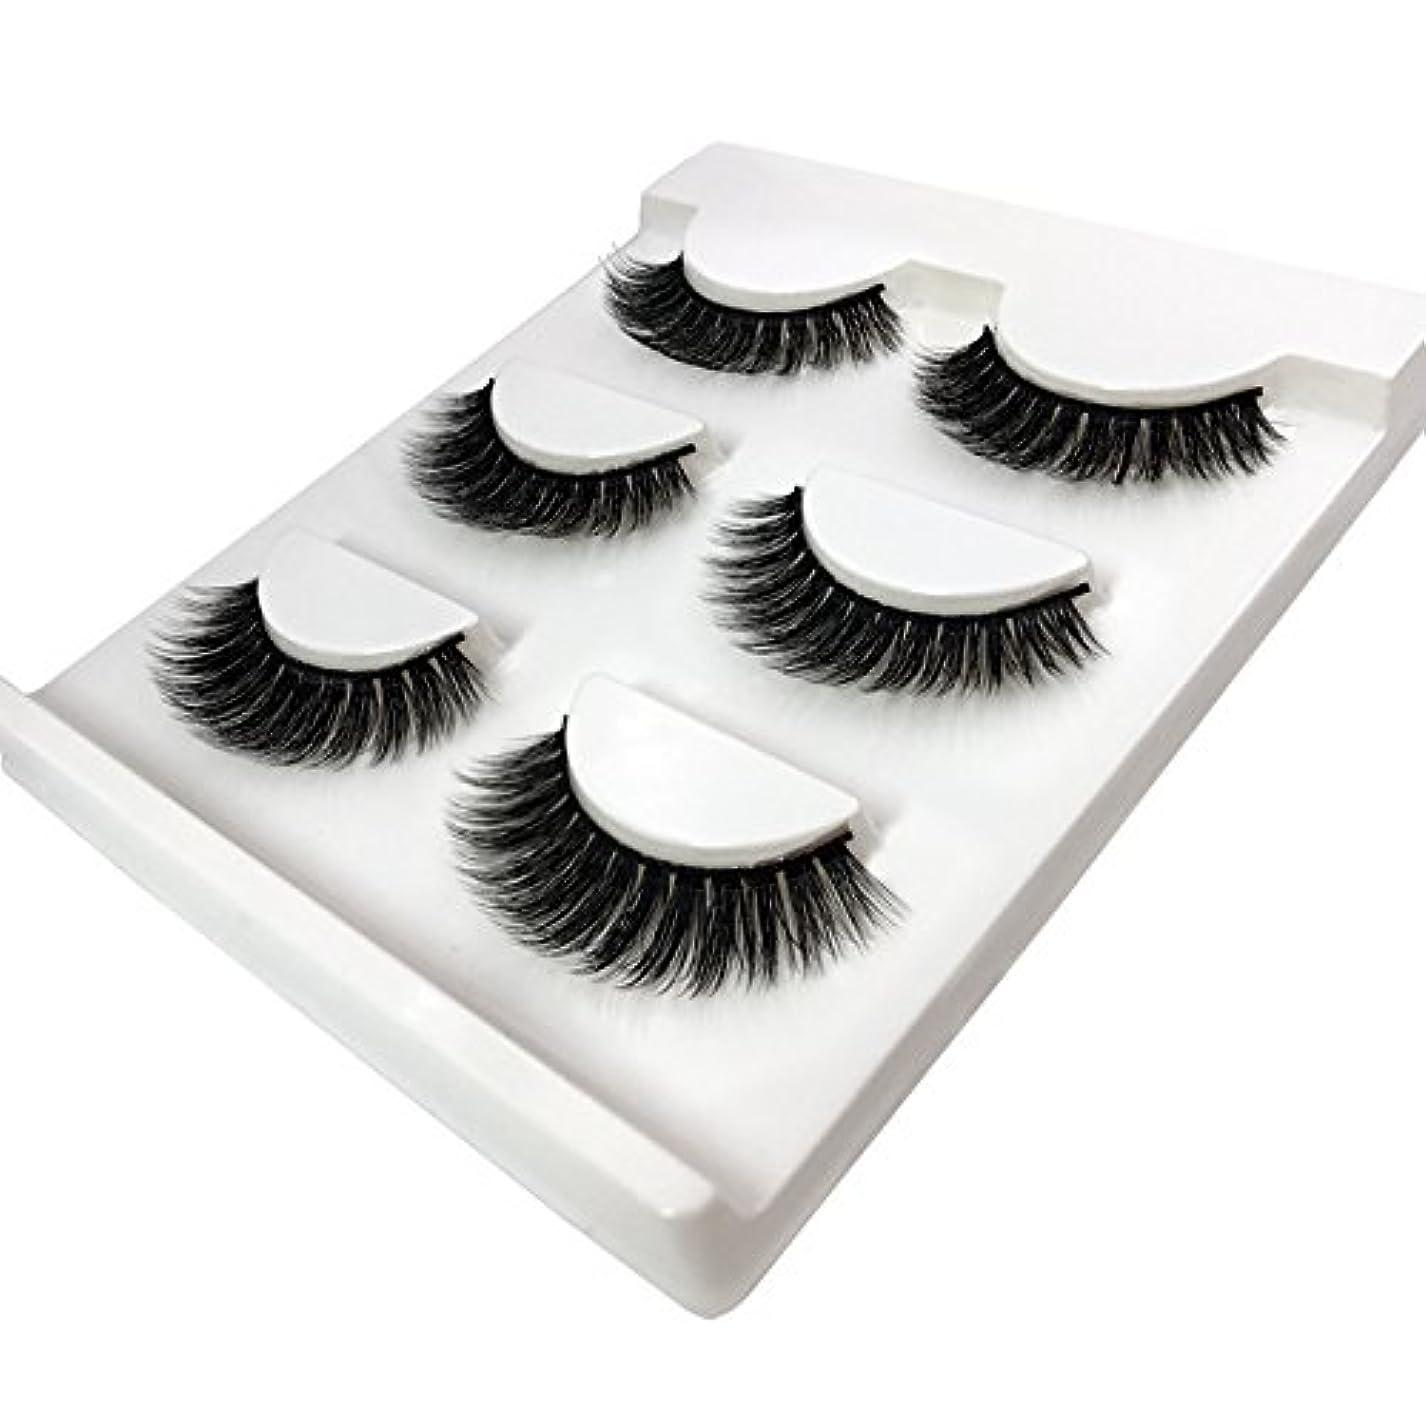 食べるパン屋ギャラントリーBlue-Art 3 Pairs natural false eyelashes thick makeup real 3d mink lashes soft eyelash extension fake eye lashes long mink eyelashes 3d